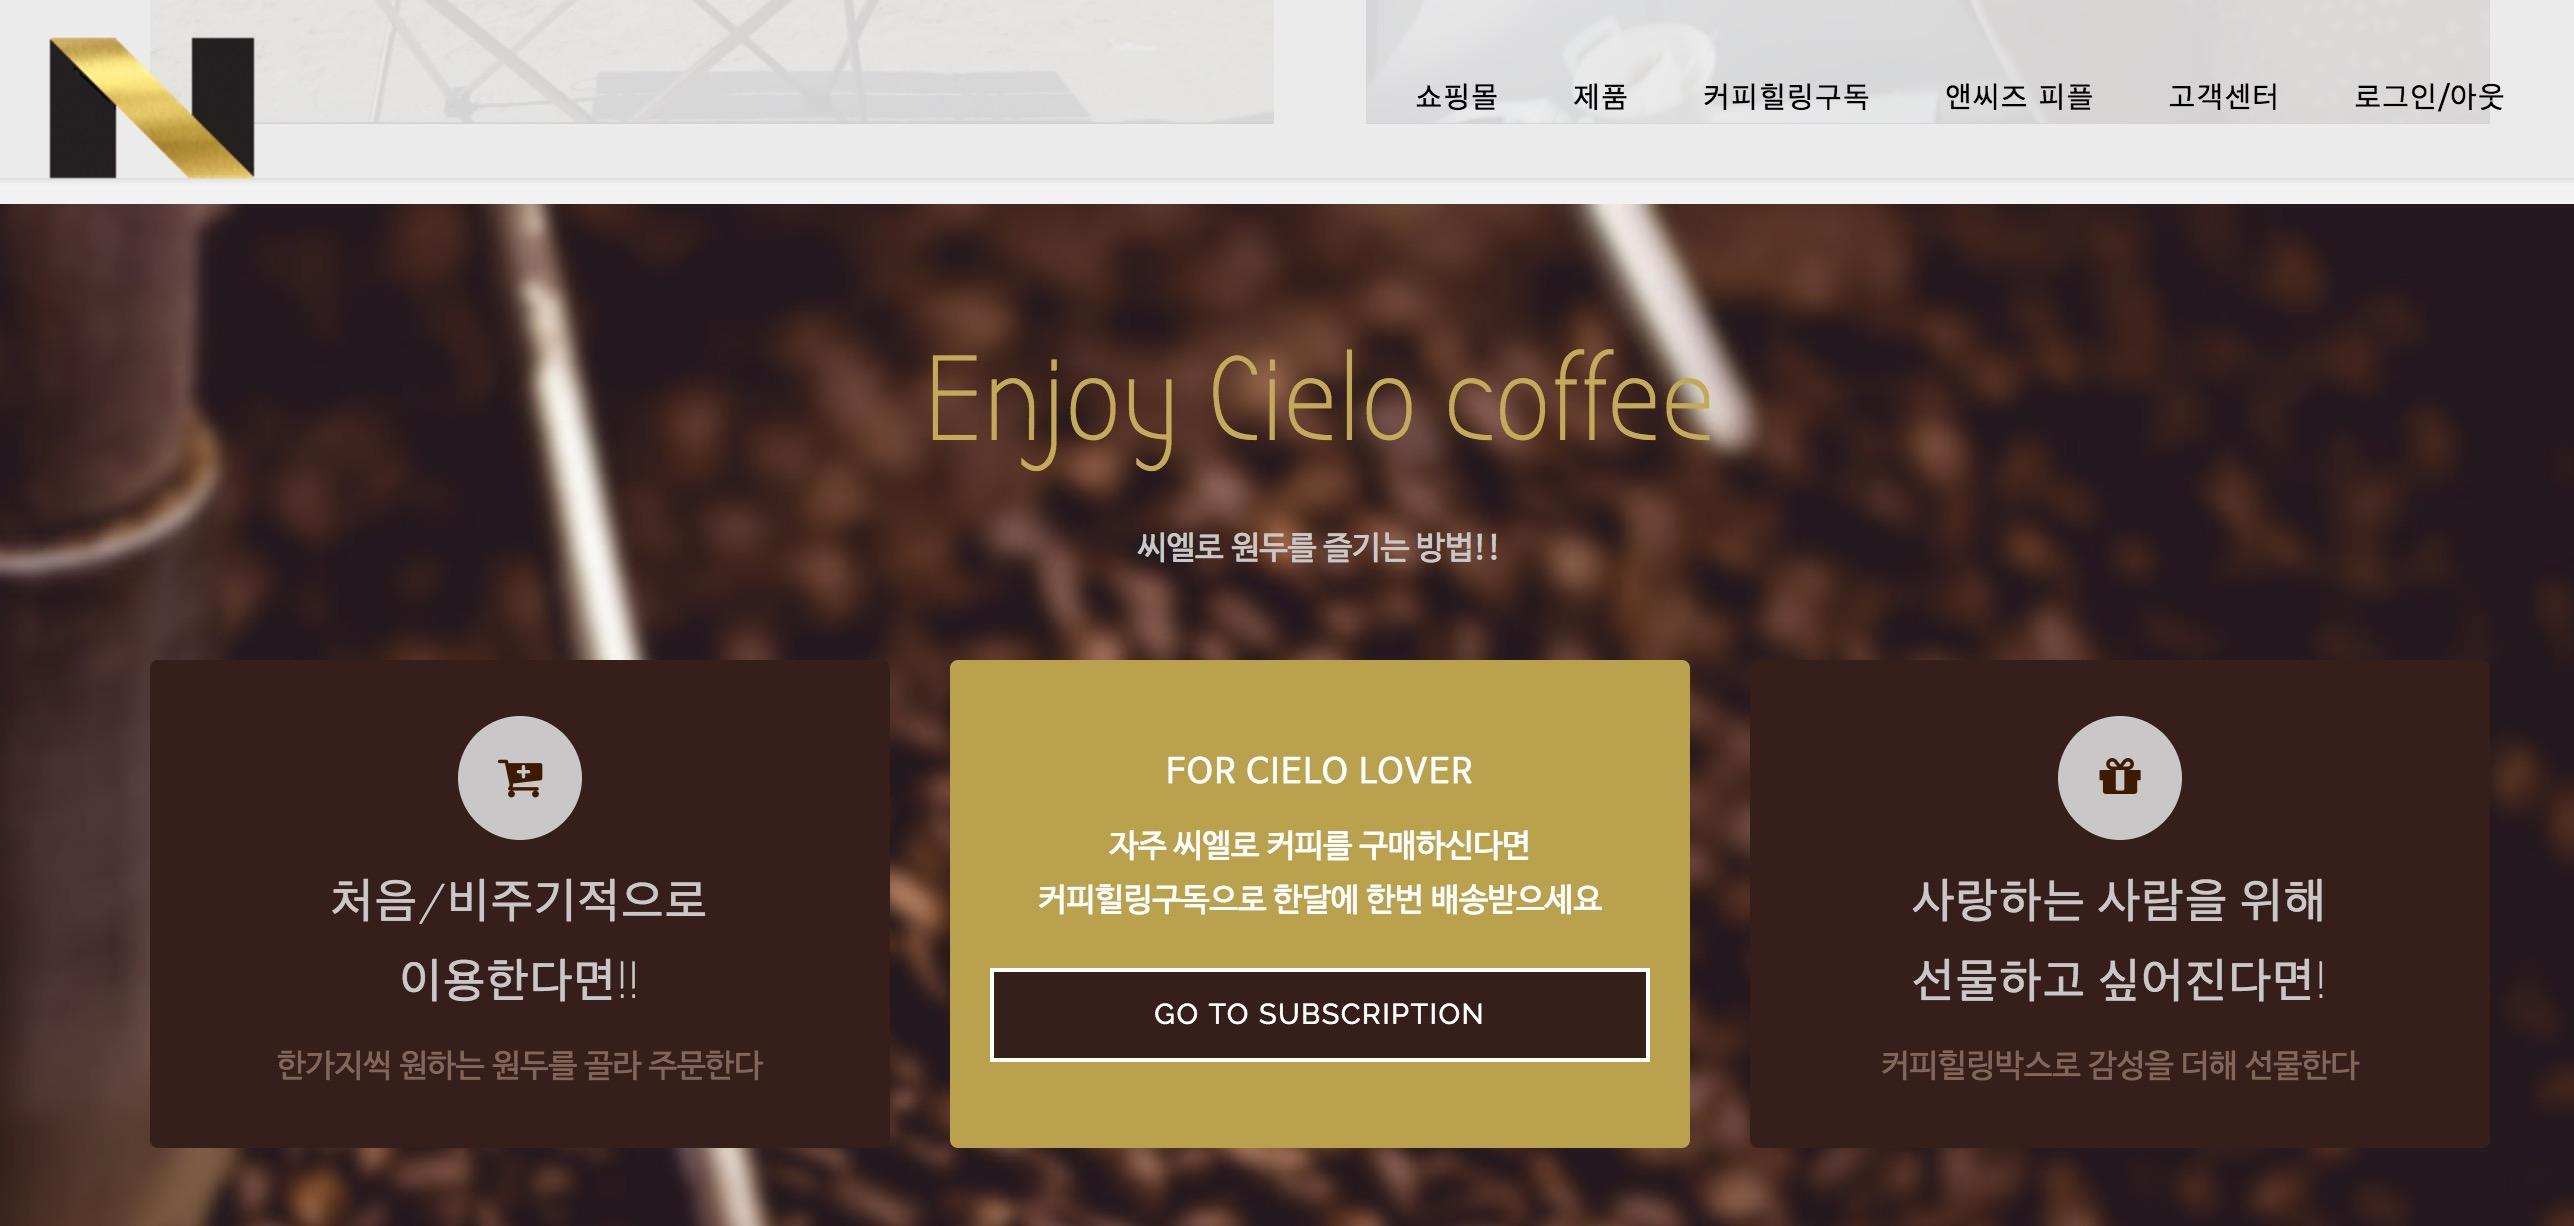 워드프레스 정기결제 사례 커피배달 사이트 화면